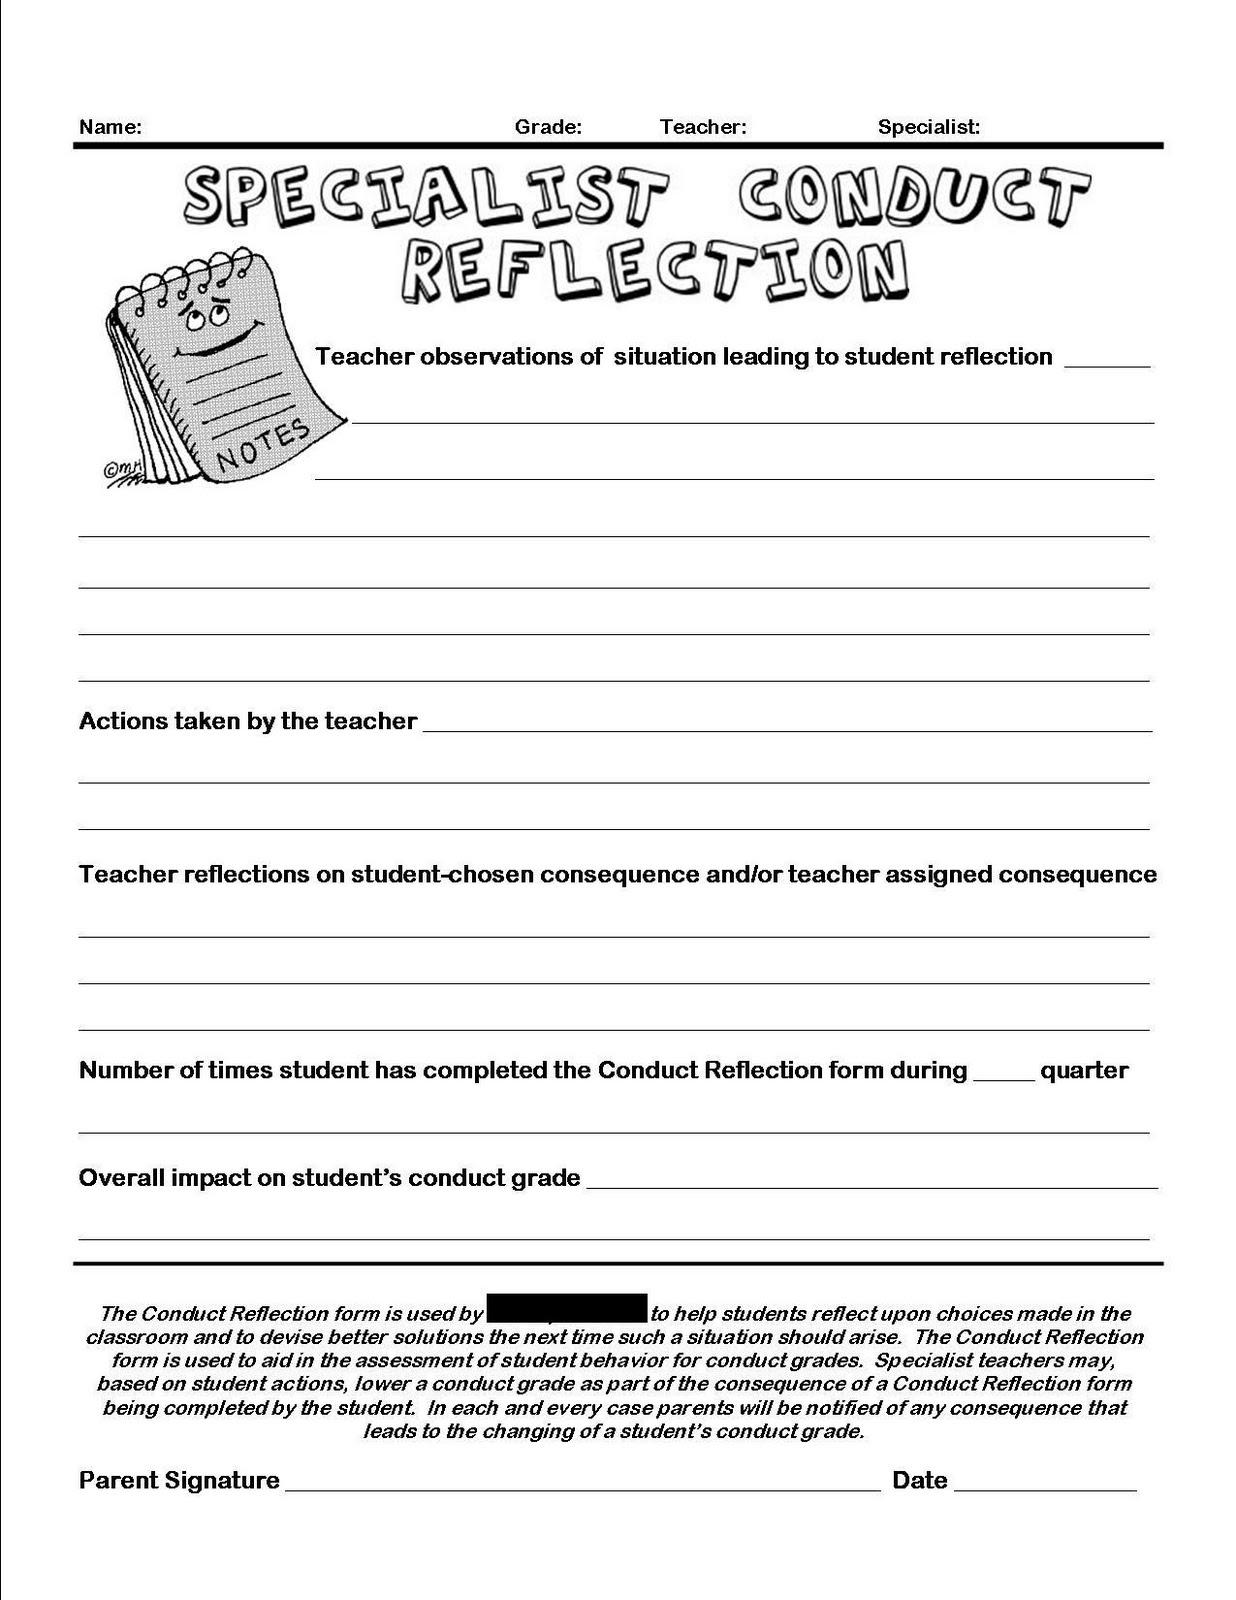 18 Best Images Of Student Behavior Reflection Worksheets